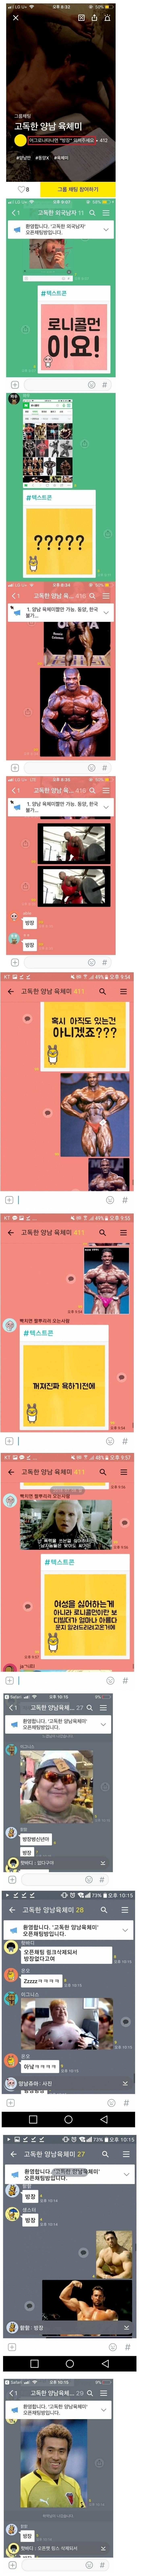 고독한 서양남자 육체미 단톡.jpg | 인스티즈